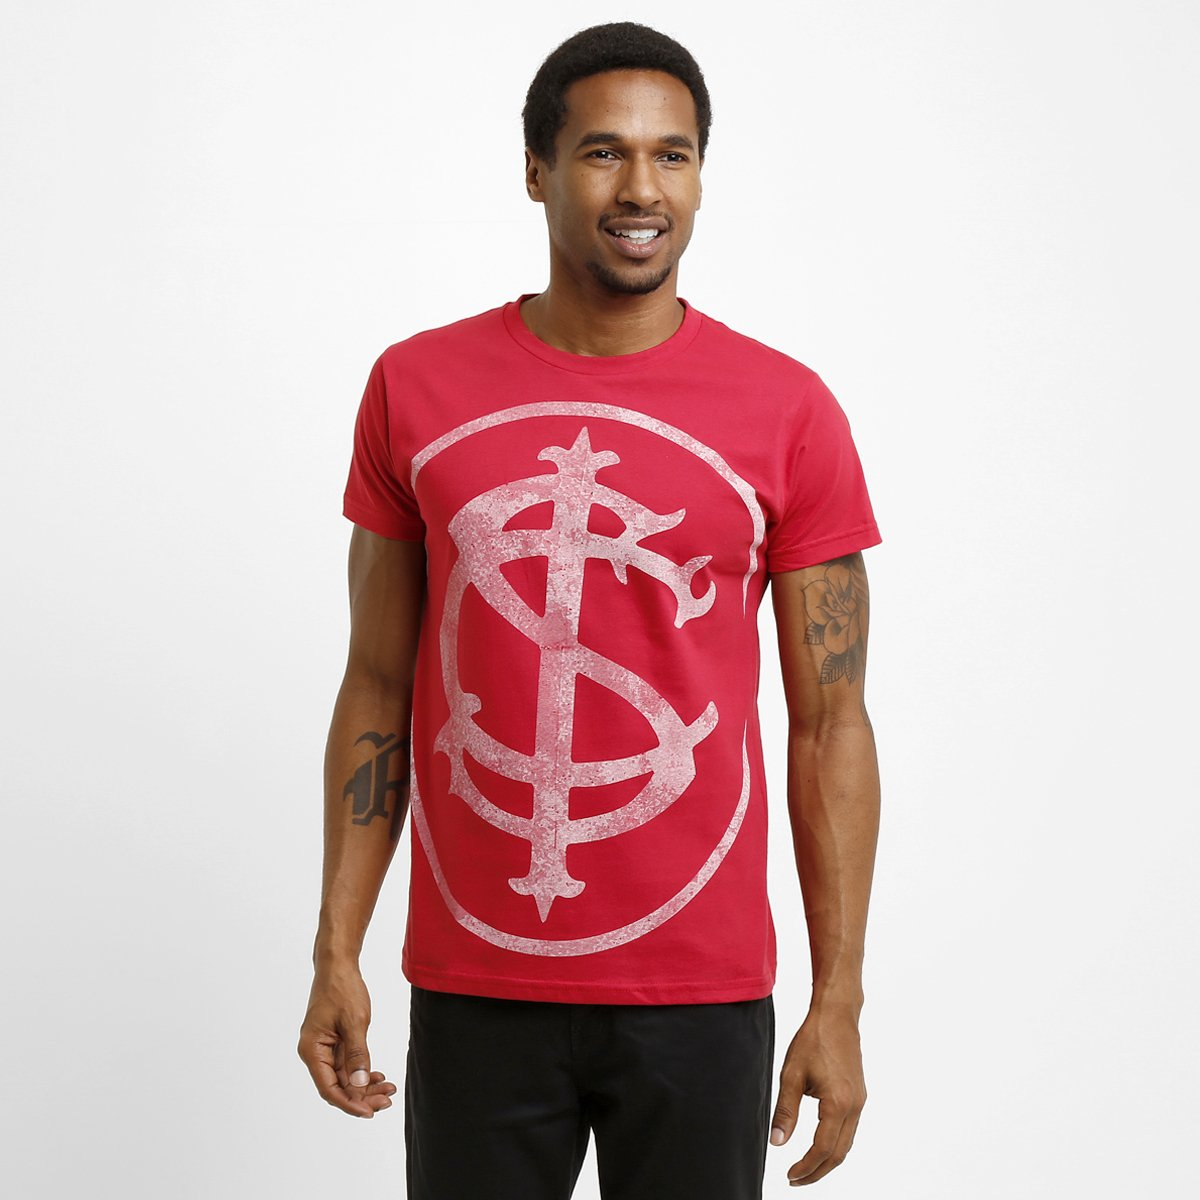 8f678e5d64e Camiseta Internacional Burst - Compre Agora